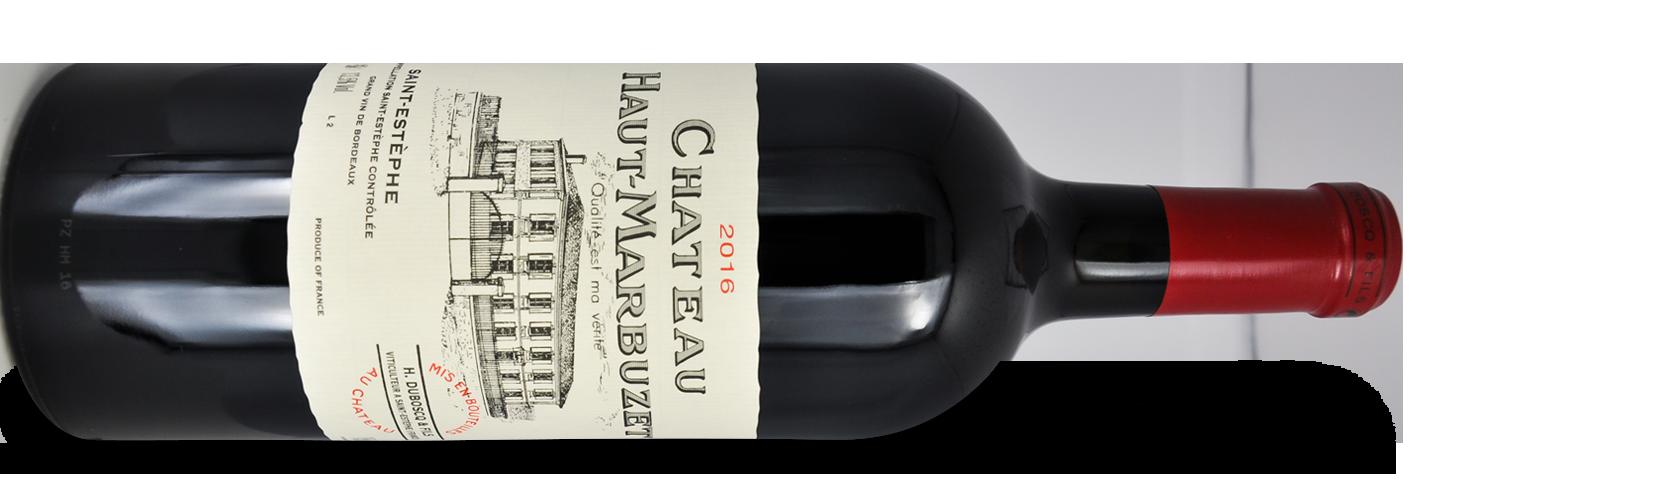 Château HAUT-MARBUZET, Cru Bourgeois Exceptionnel 2016 magnum